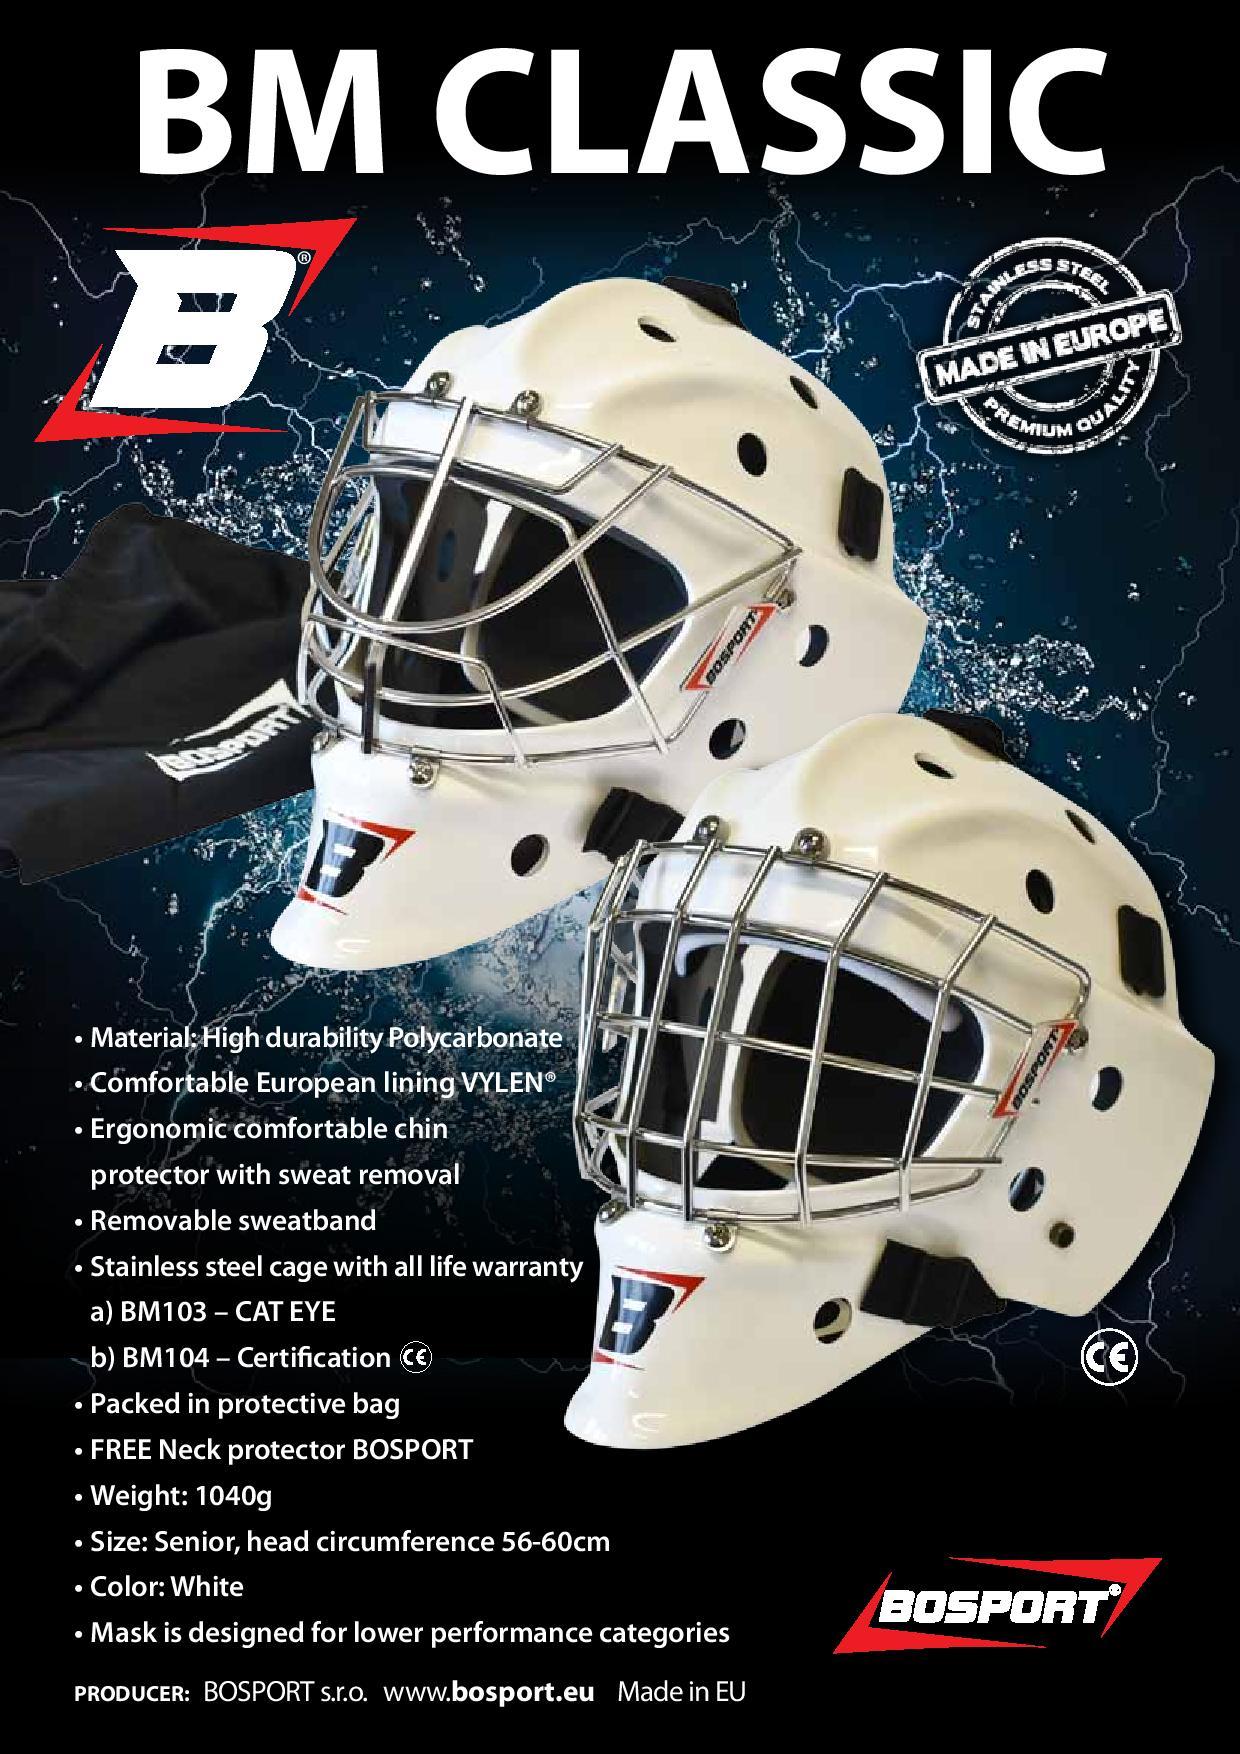 Goalie mask BOSPORT BM CLASSIC